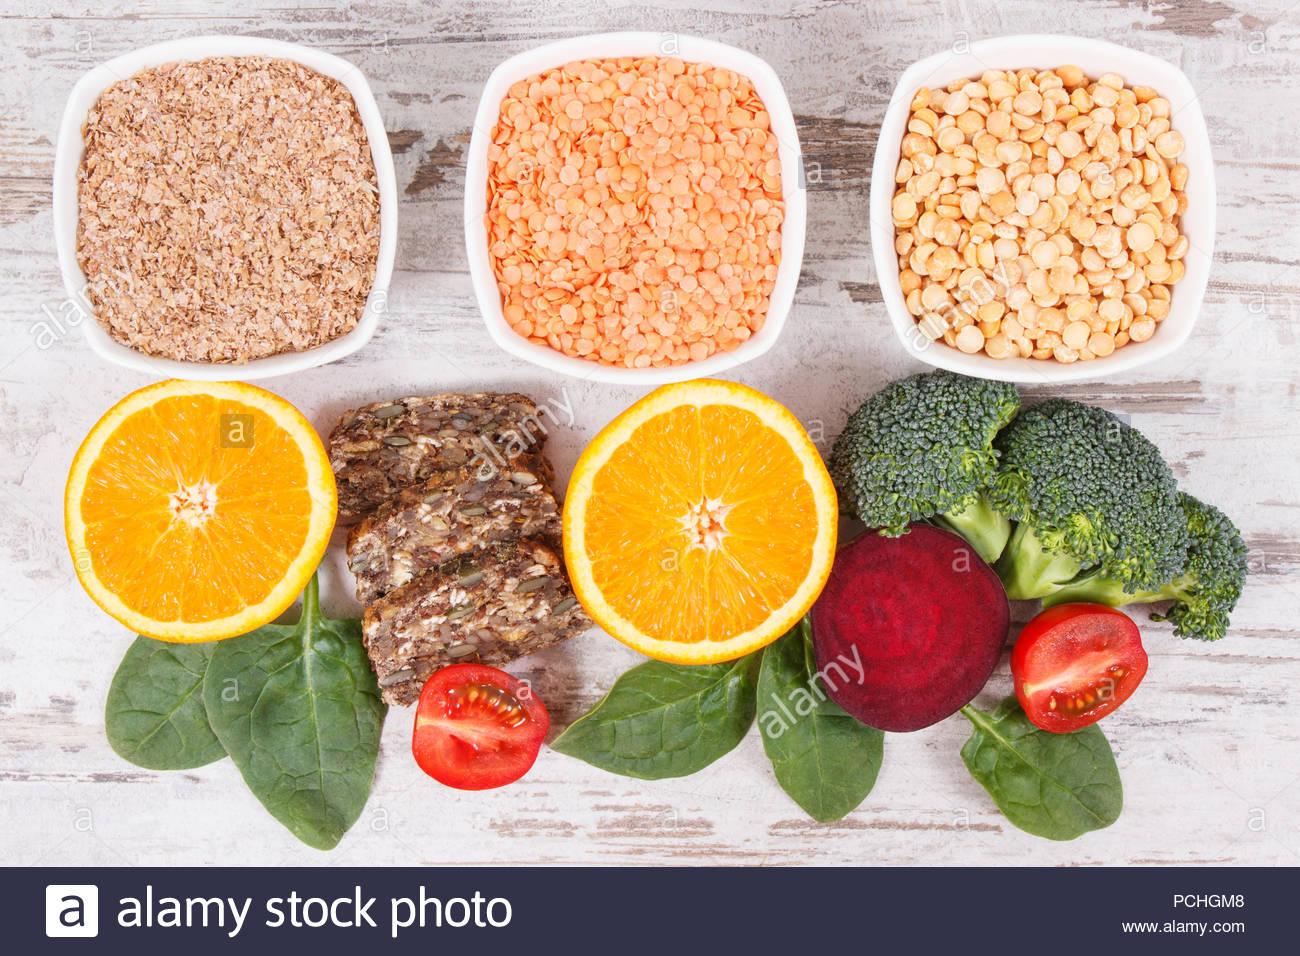 ssiimm alimentos nutritivos como fonte de vitamina b9 fibras dieteticas acido folico e minerais naturais conceito de estilos de vida saudaveis pchgm8 - درمانهای خانگی «سندرم تخمدان پلی کیستیک»